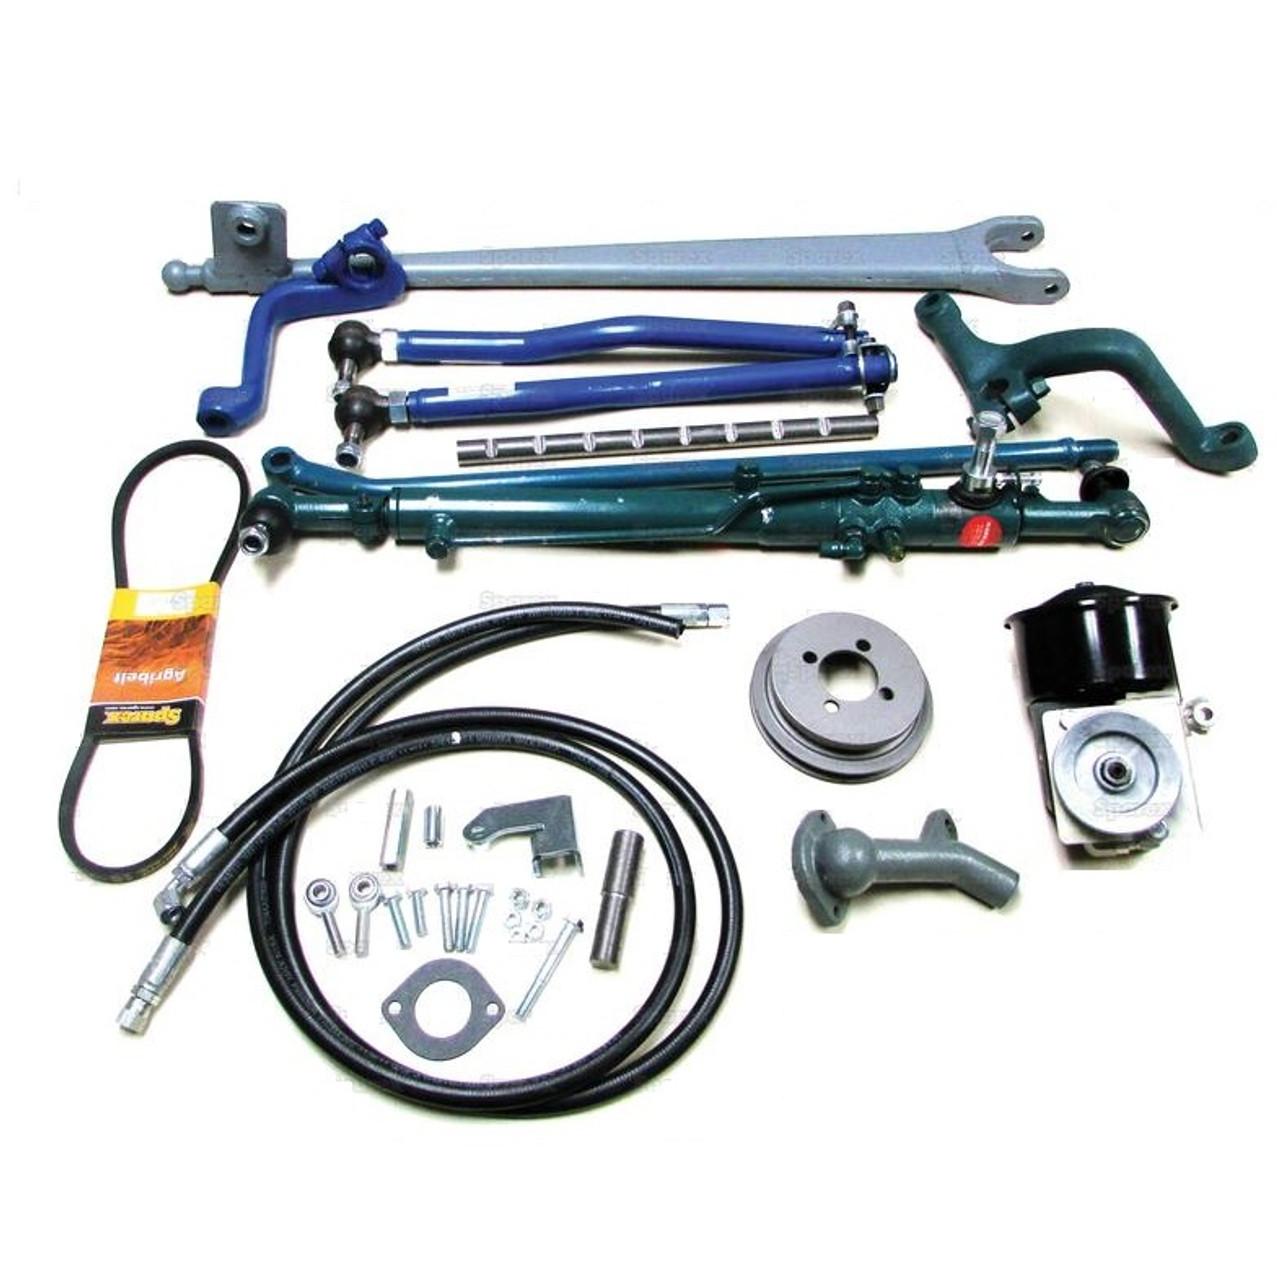 Power Steering Add-On Kit